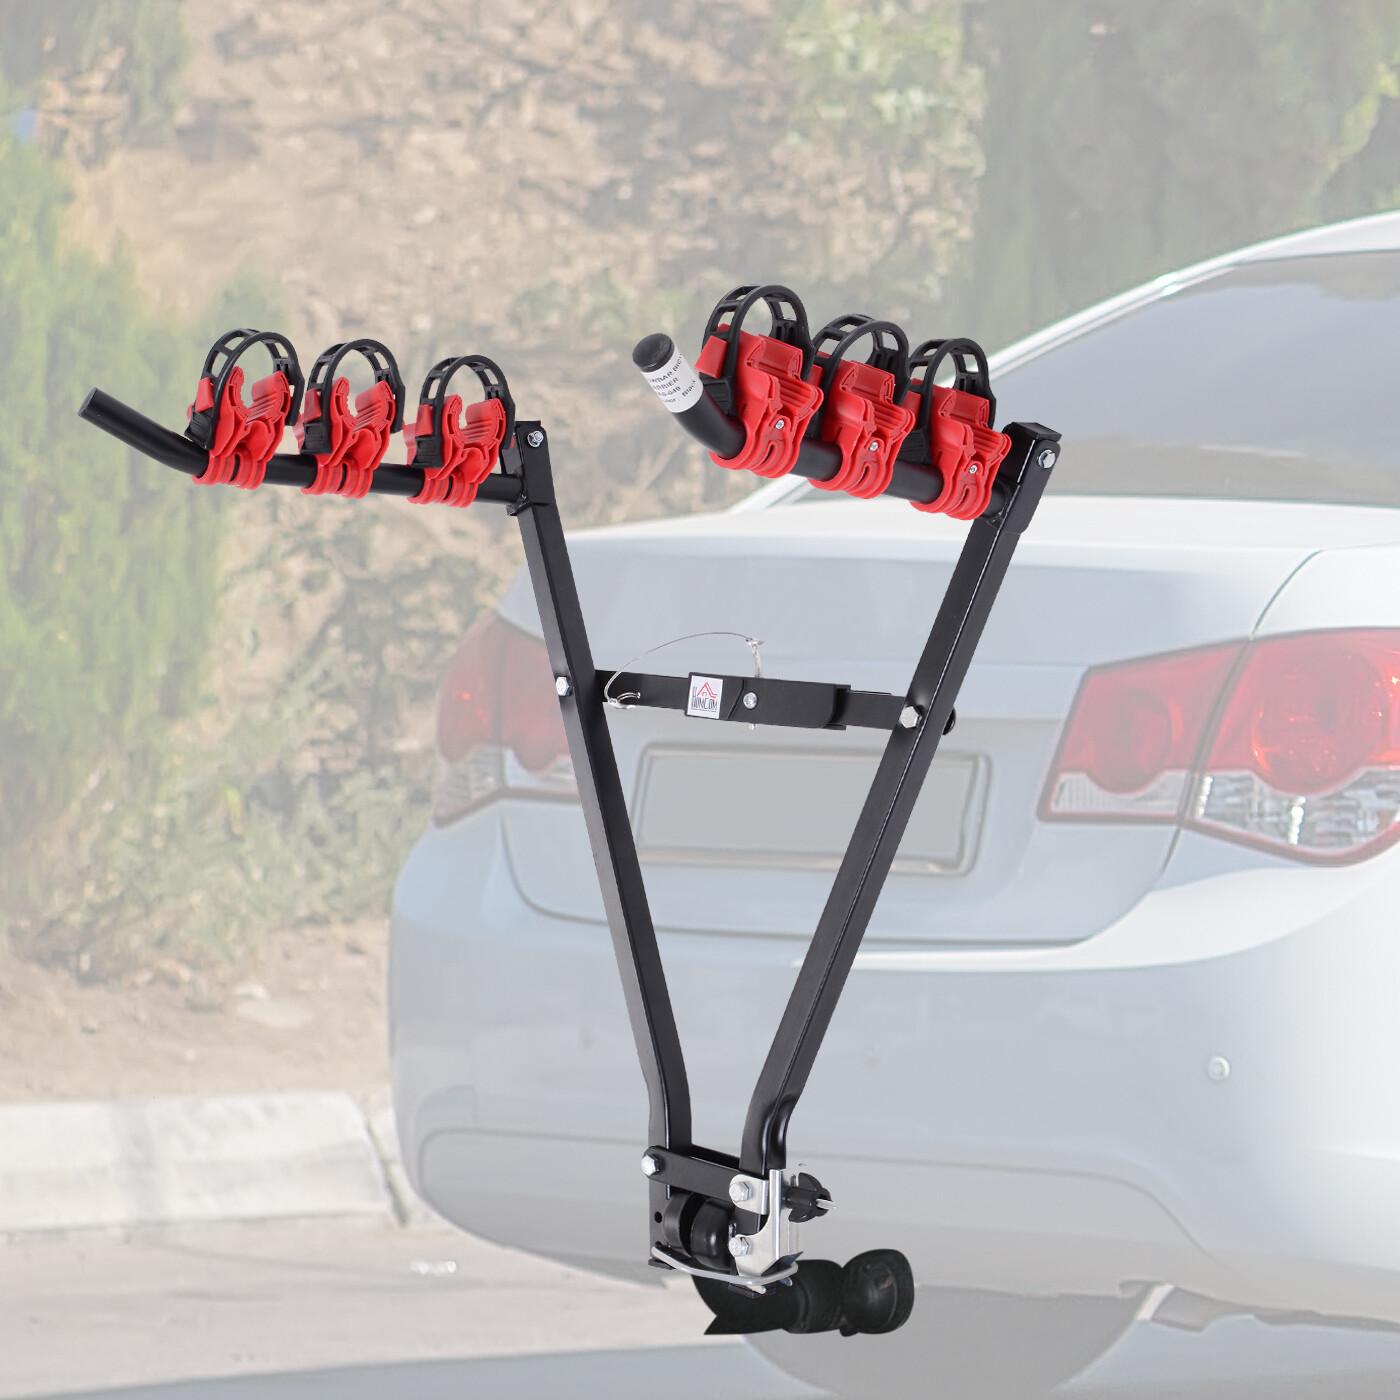 HOMCOM® Fahrradheckträger für 3 Fahrräder | Veloträger | Faltbar | Metall, Kunststoff | 66 x 54 x 47 cm | Schwarz, Rot